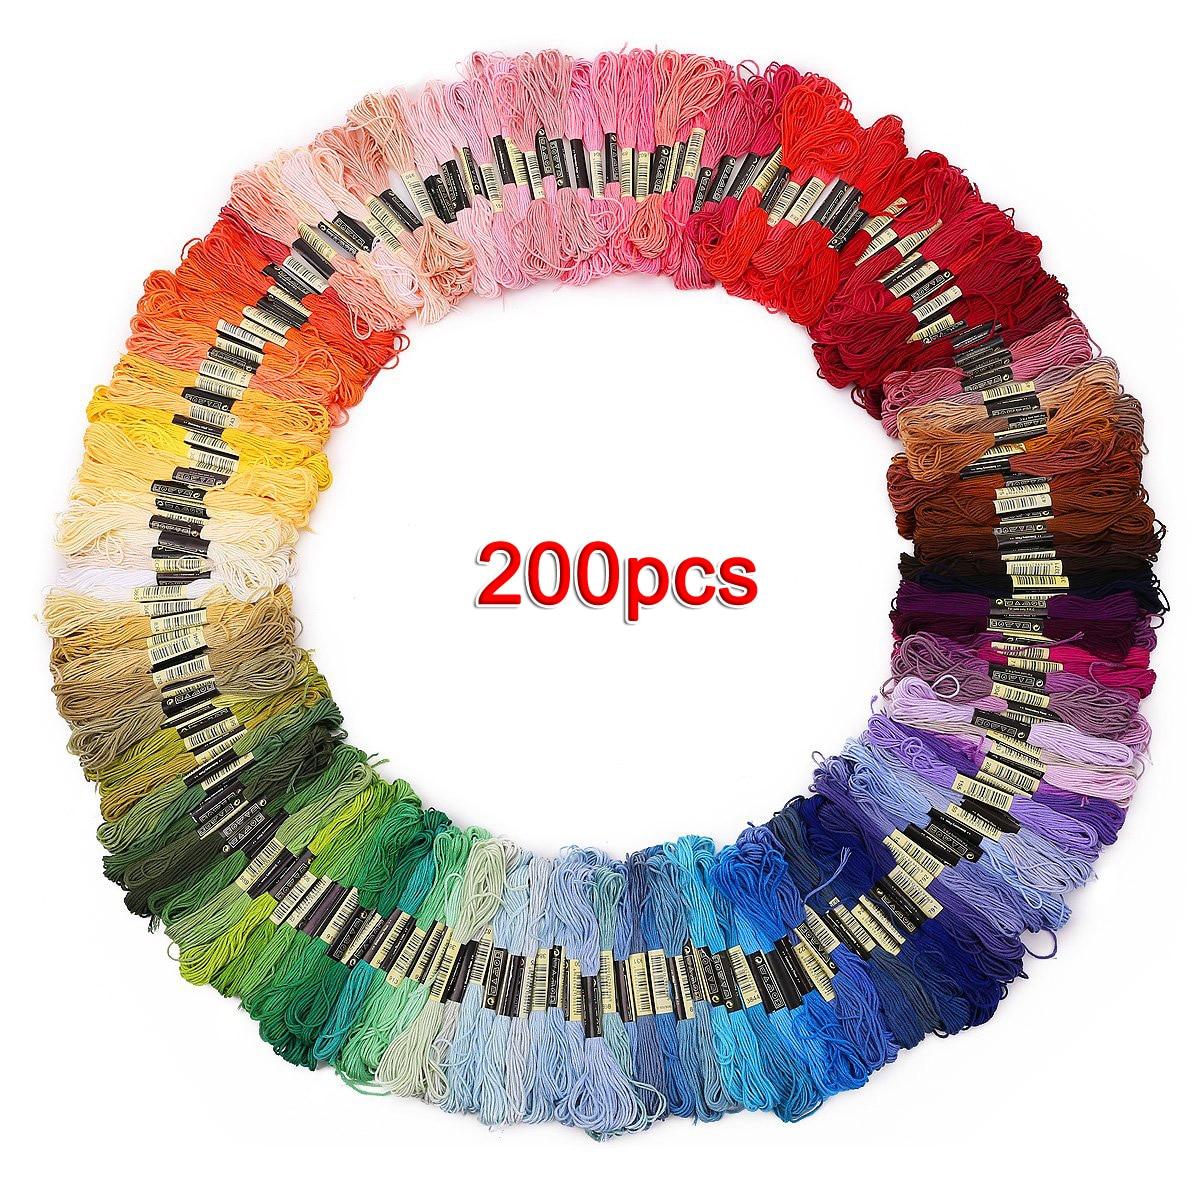 200 madejas de hilo multicolor para bordado de agujas cruzadas croché